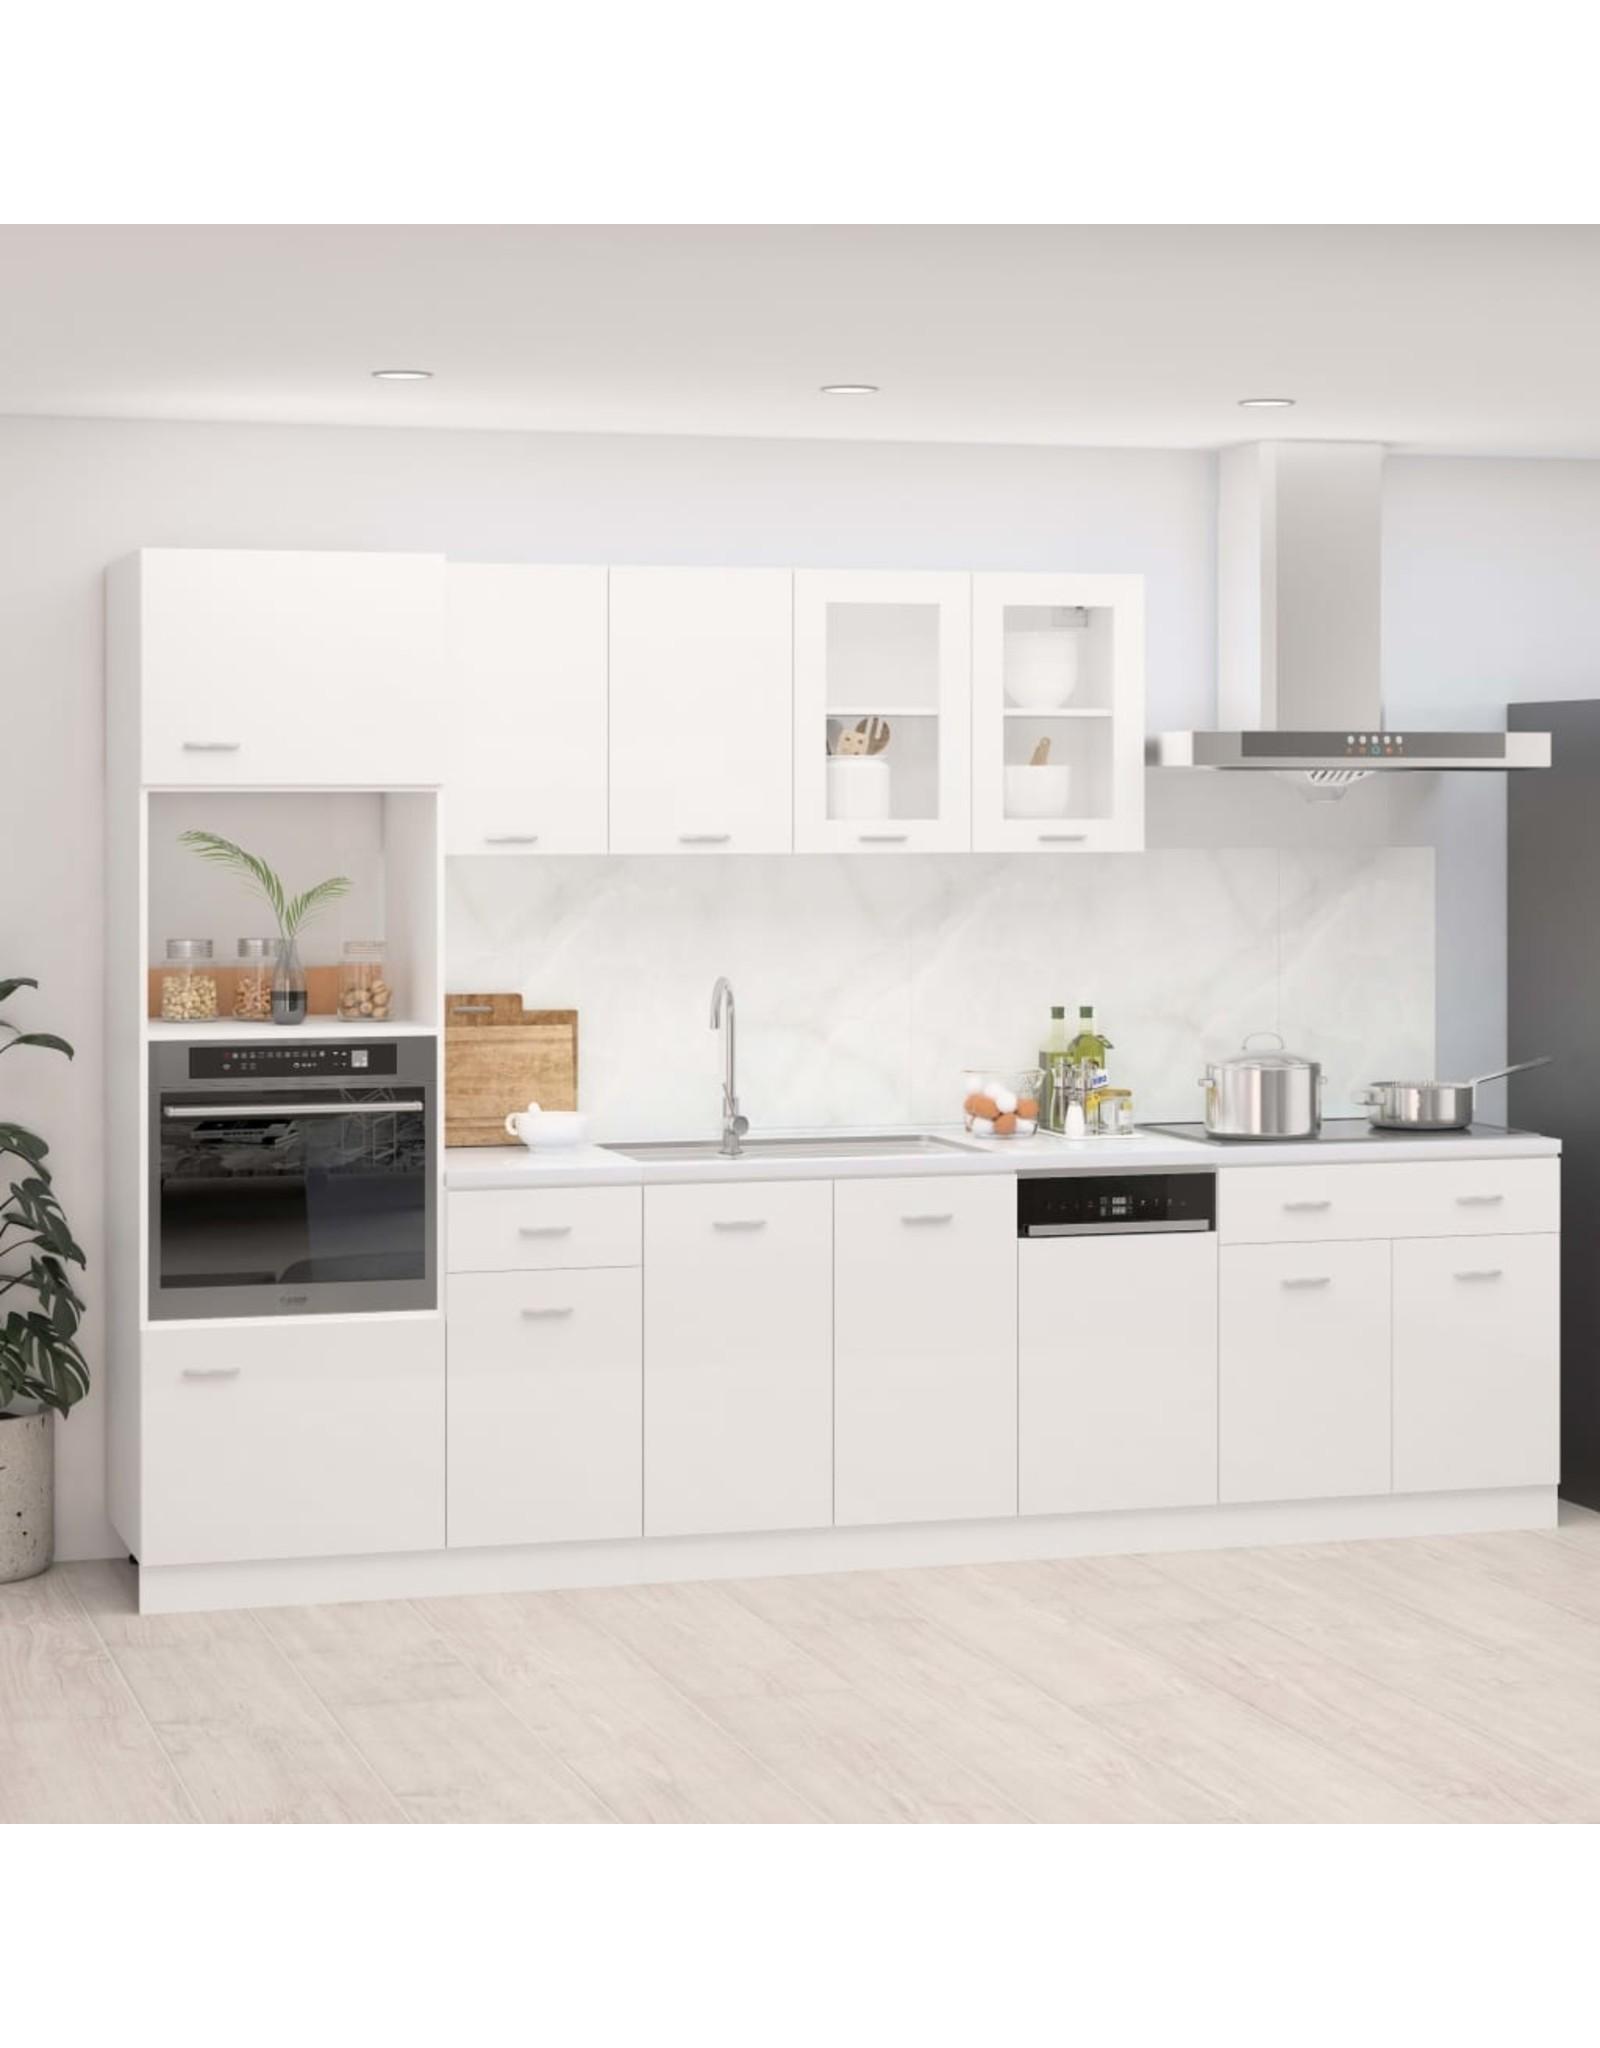 7-delige Keukenkastenset spaanplaat hoogglans wit